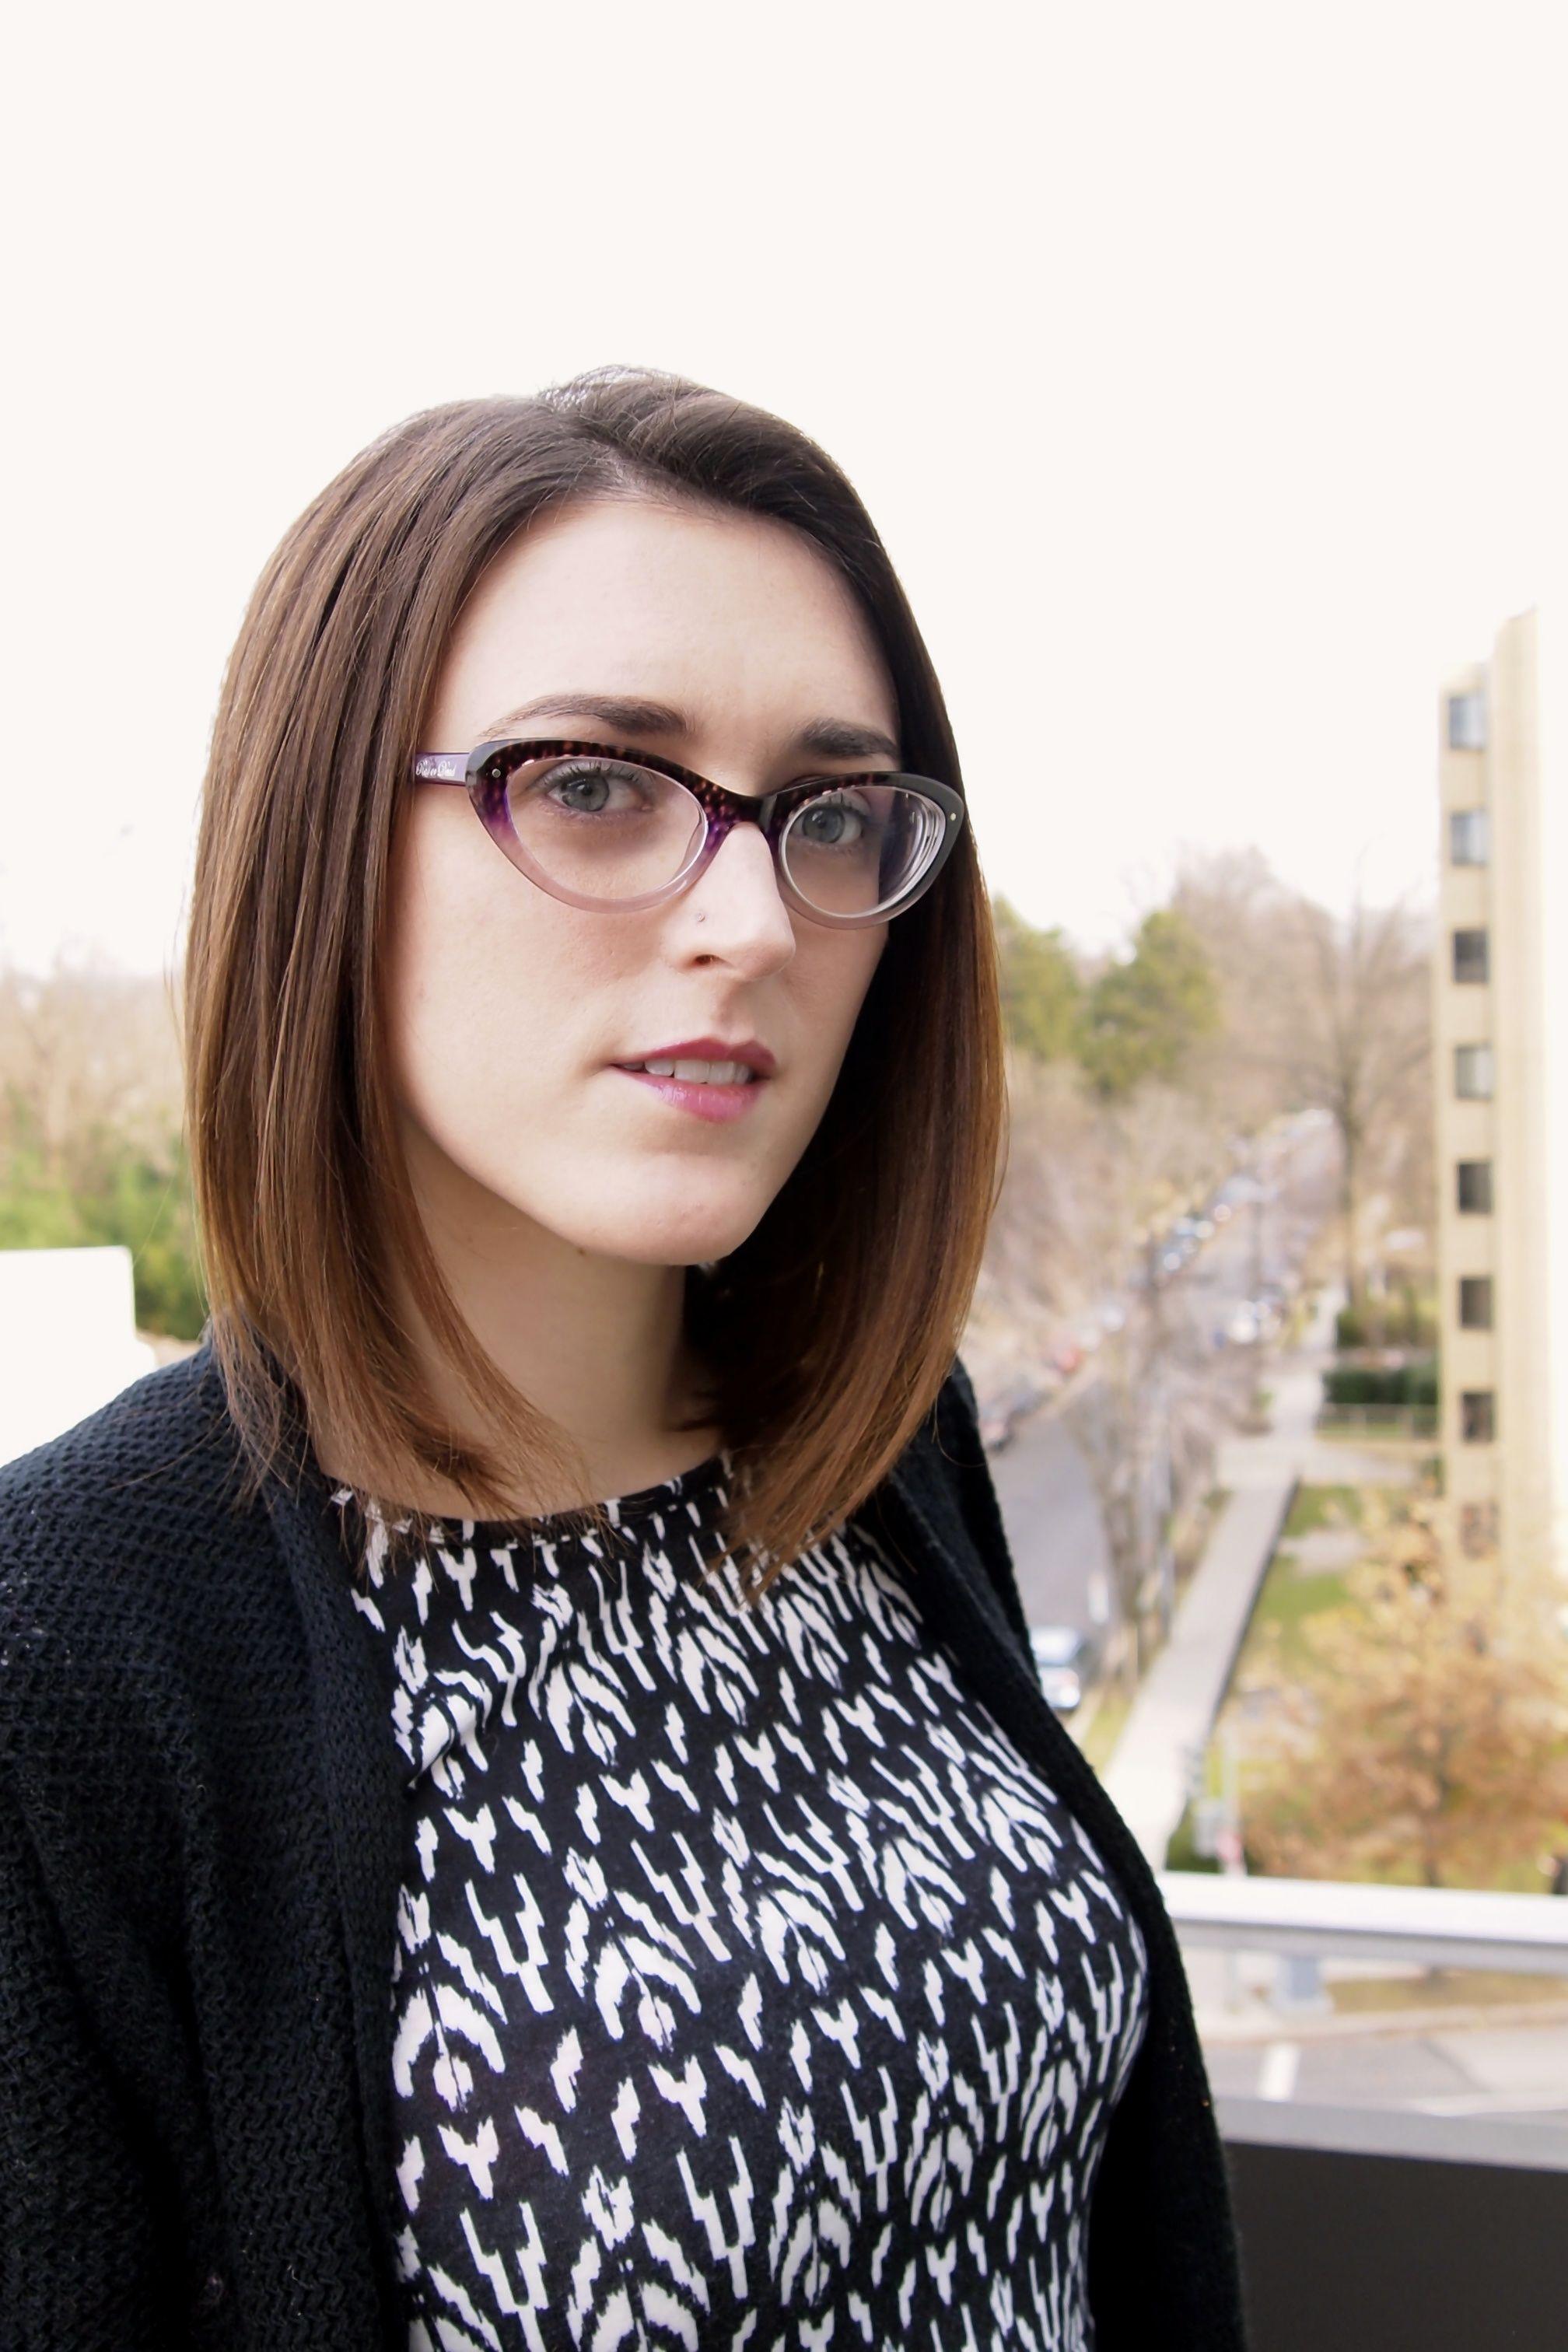 Sarah O'Halloran